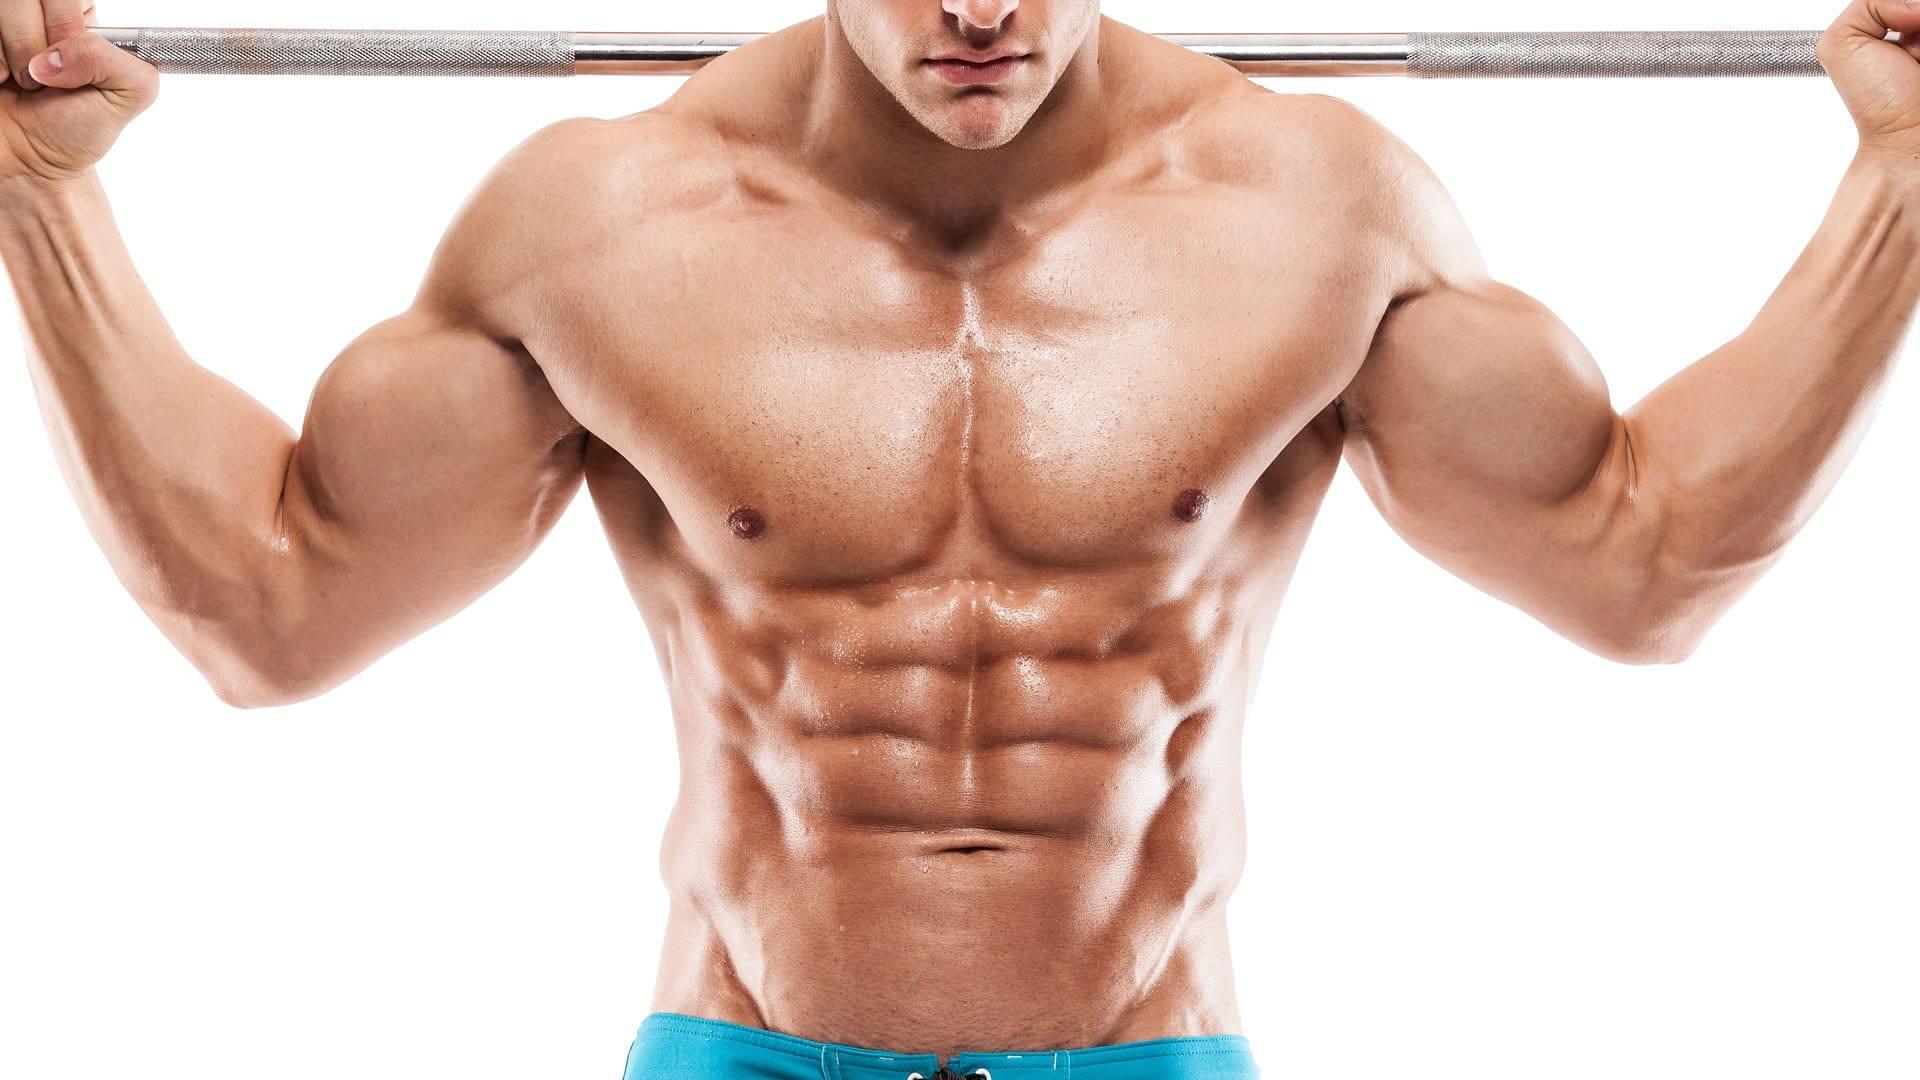 Reducir grasa abdominal rapidamente fondo, sabes que